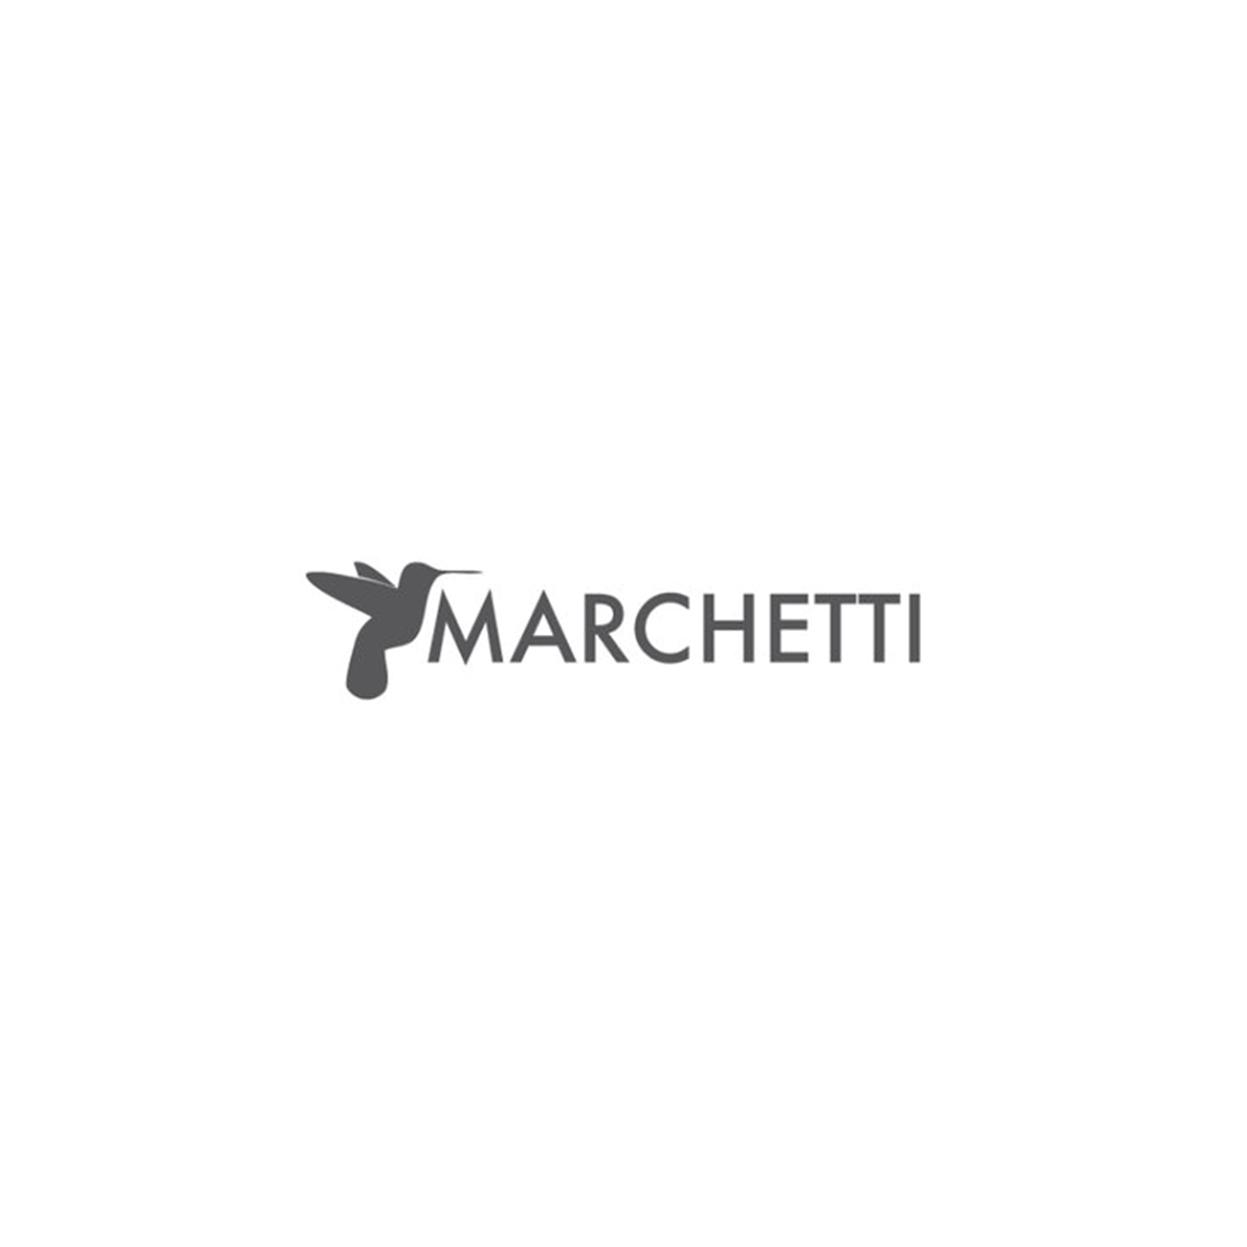 Marchetti - Objekte Licht & Raum GmbH in Hamburg